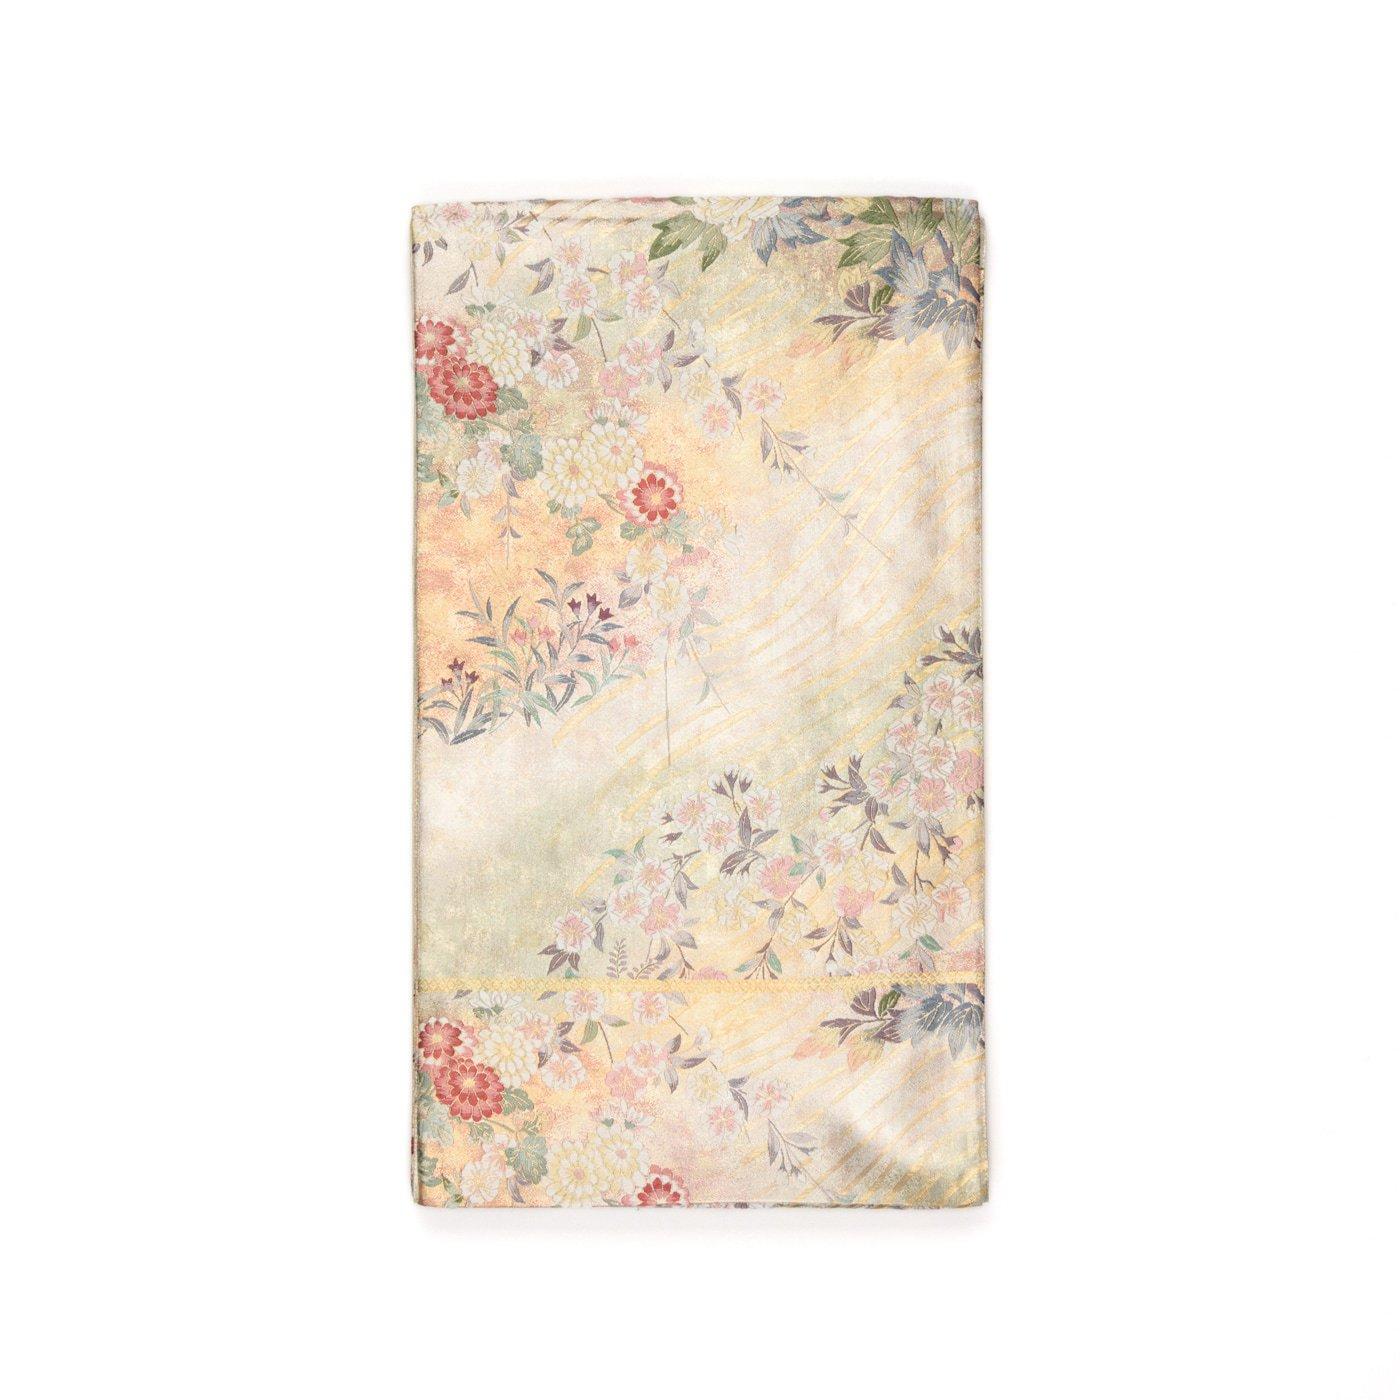 「袋帯●牡丹と桜」の商品画像